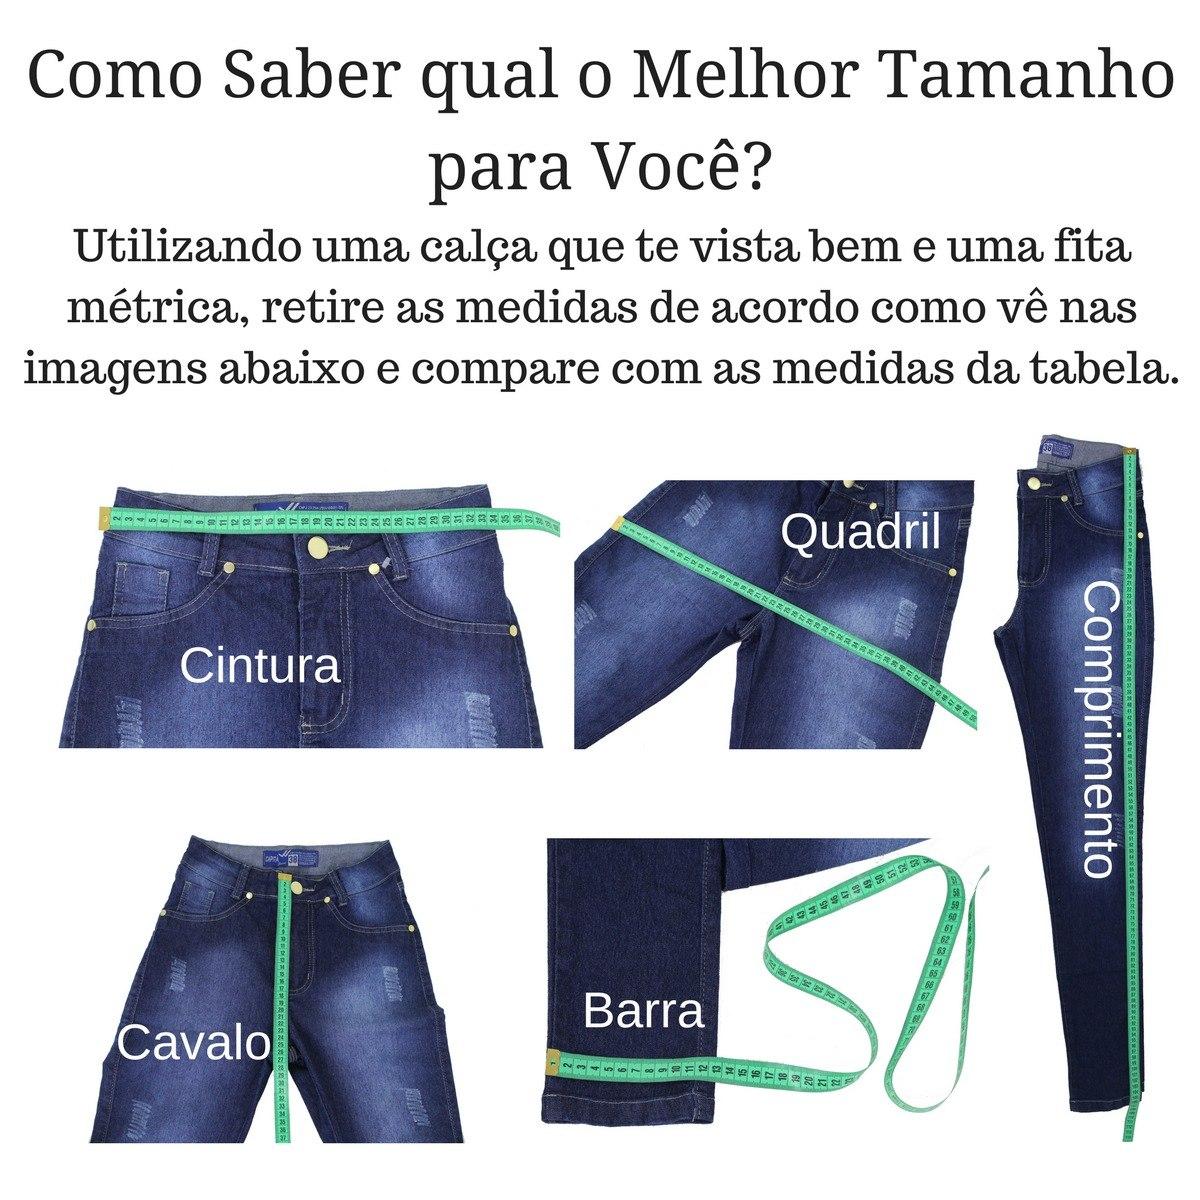 94a2ca7ad634e Calça Jeans Feminina Kit Com 3 - Vários Modelos Frete Grátis - R ...